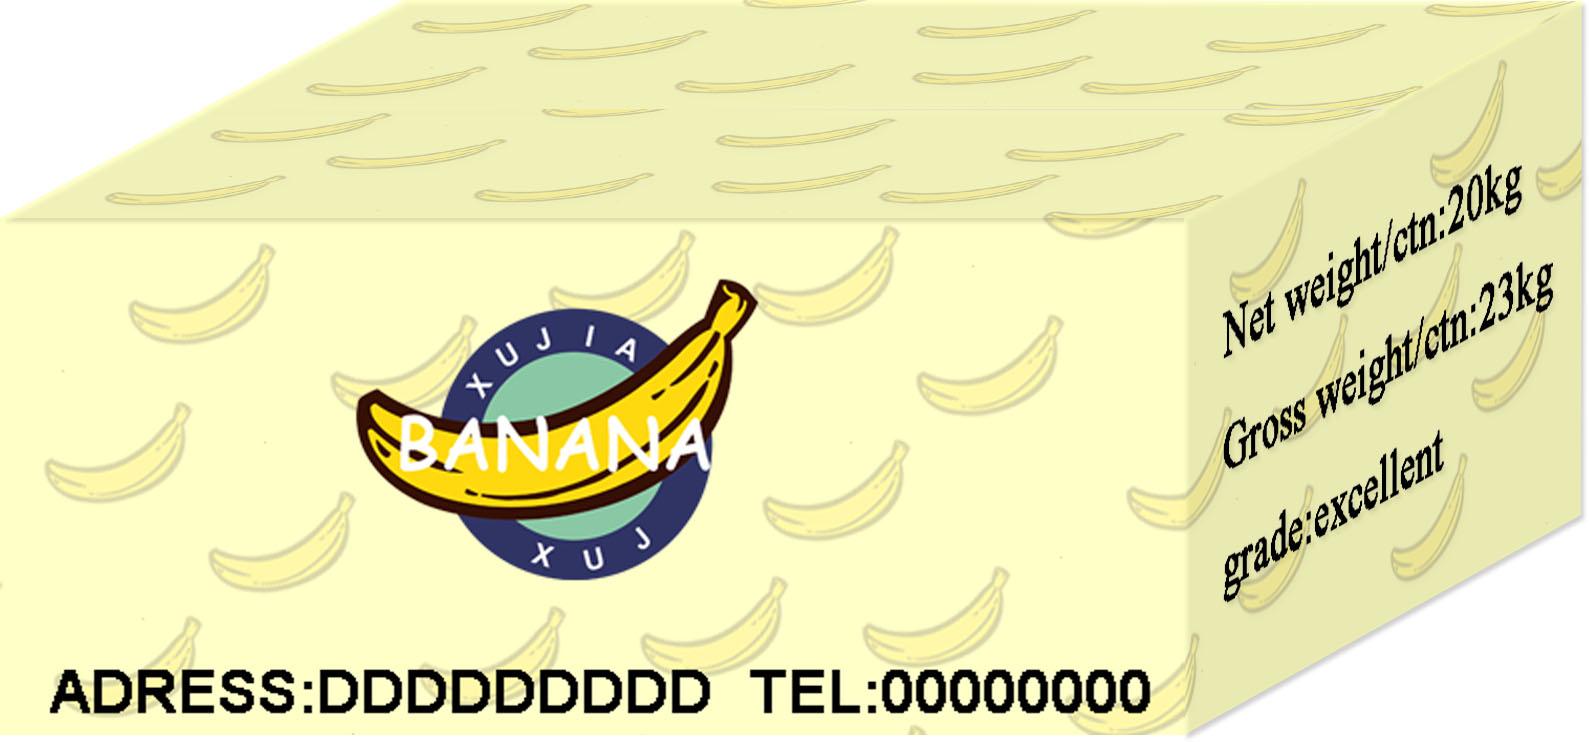 徐家,香蕉箱设计